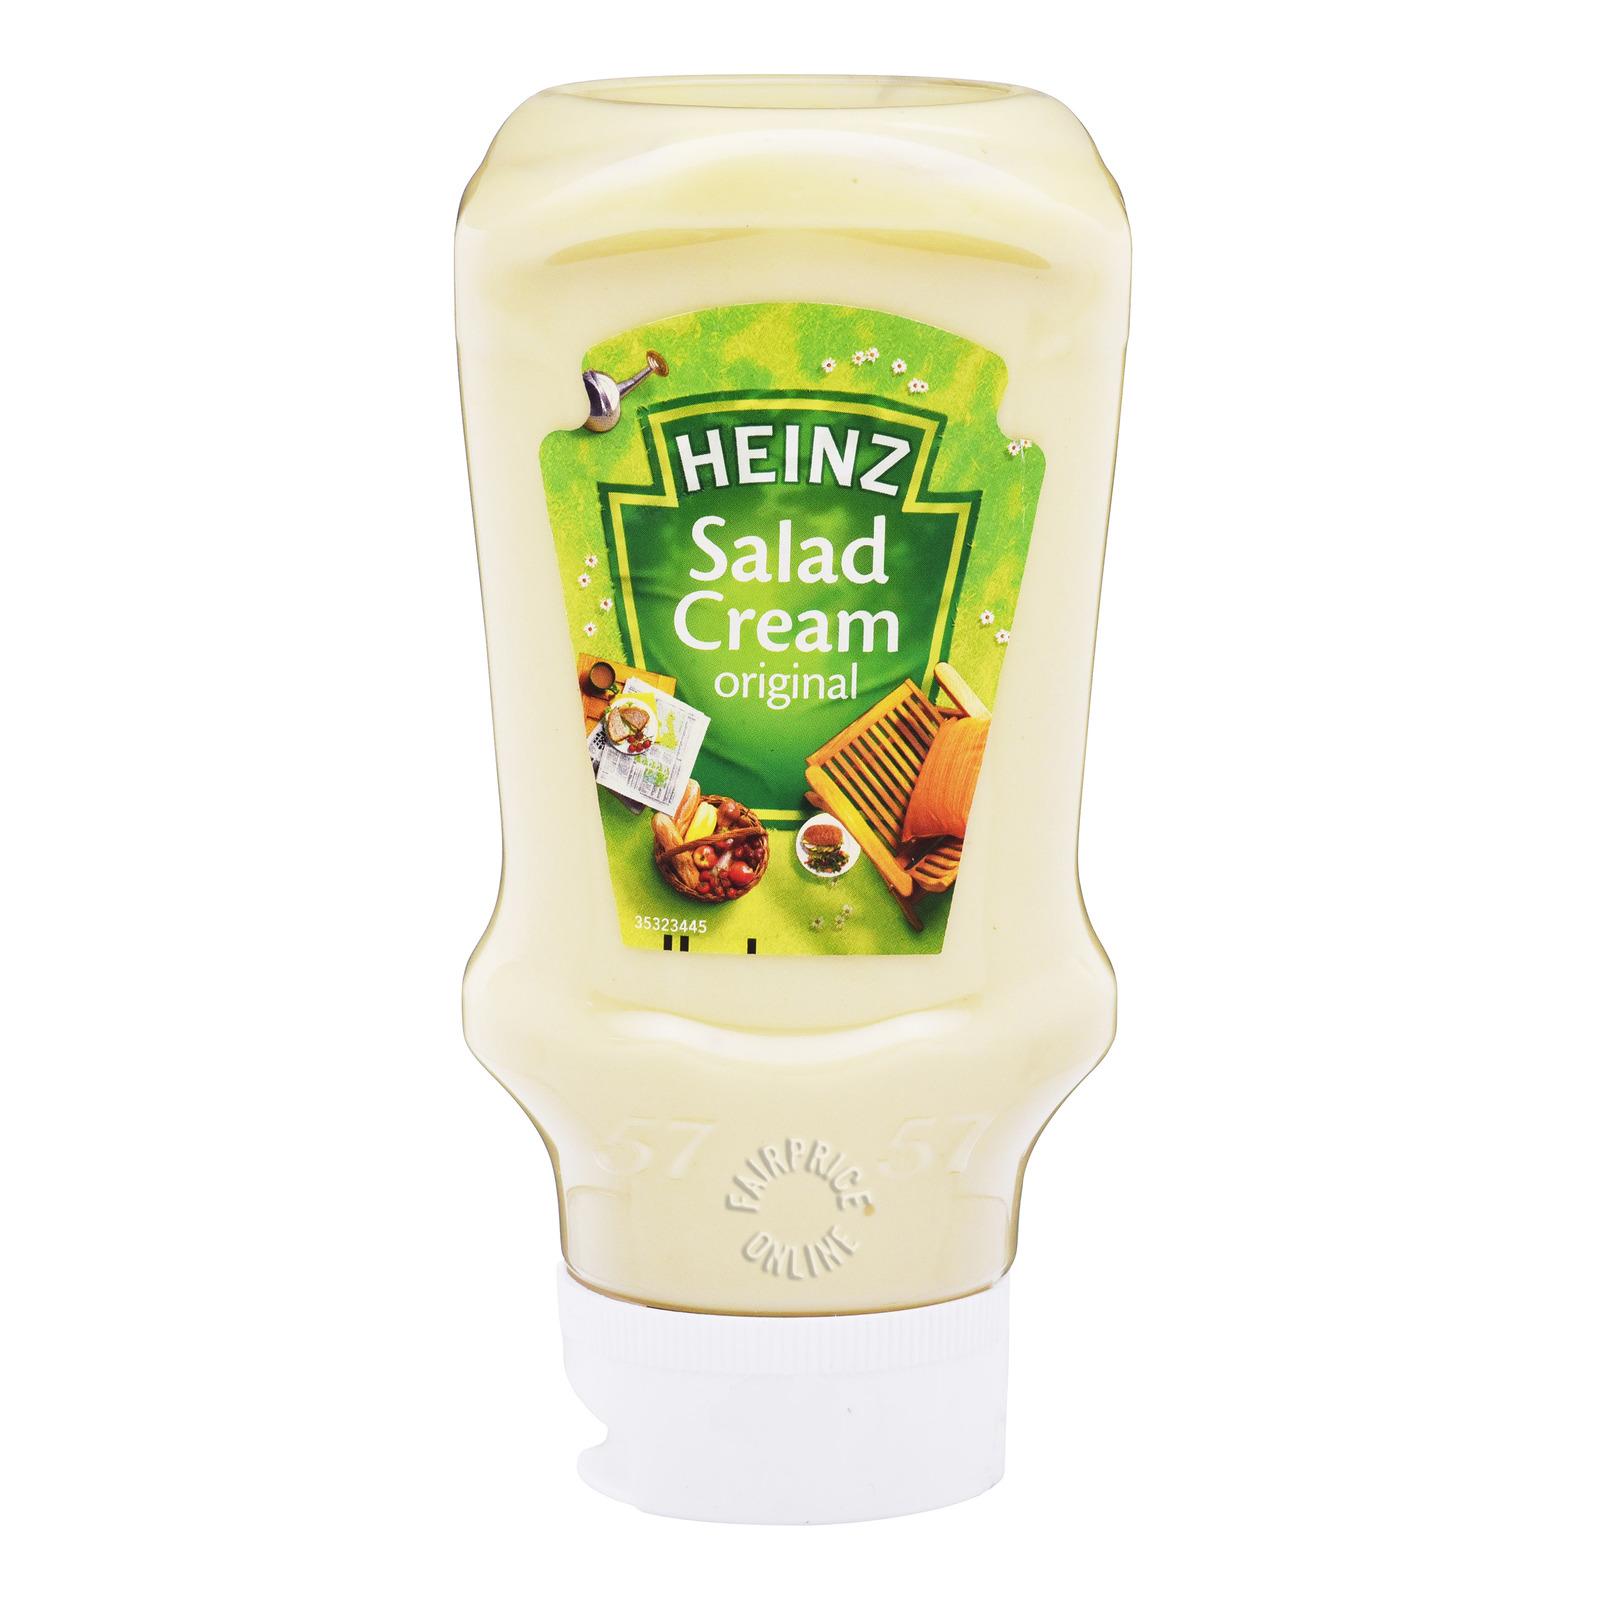 Heinz Salad Cream - Original